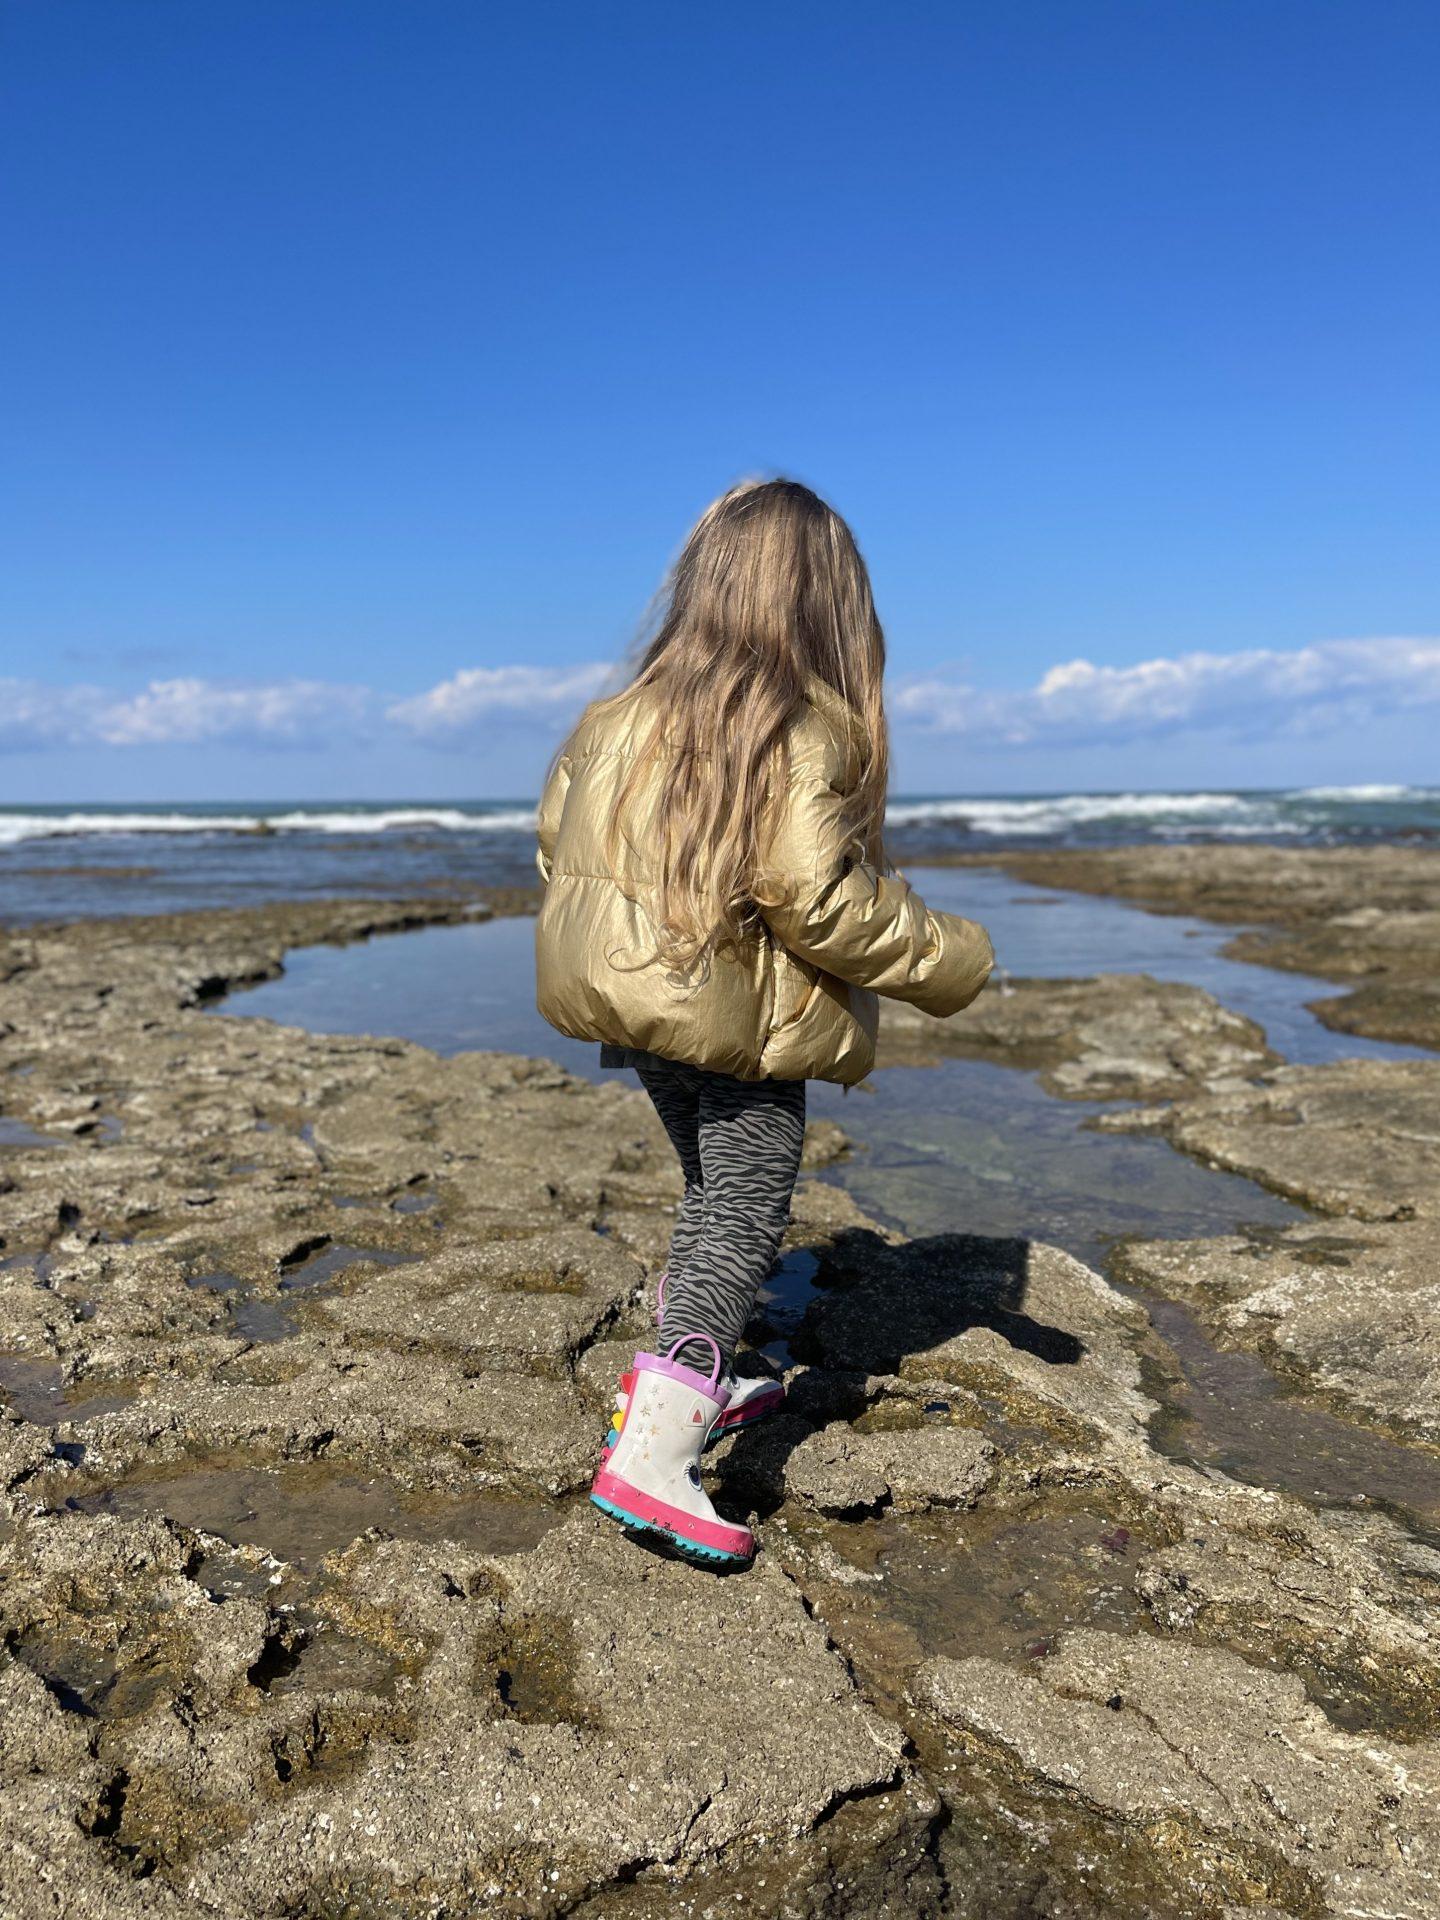 איפה לטייל בחיפה והסביבה